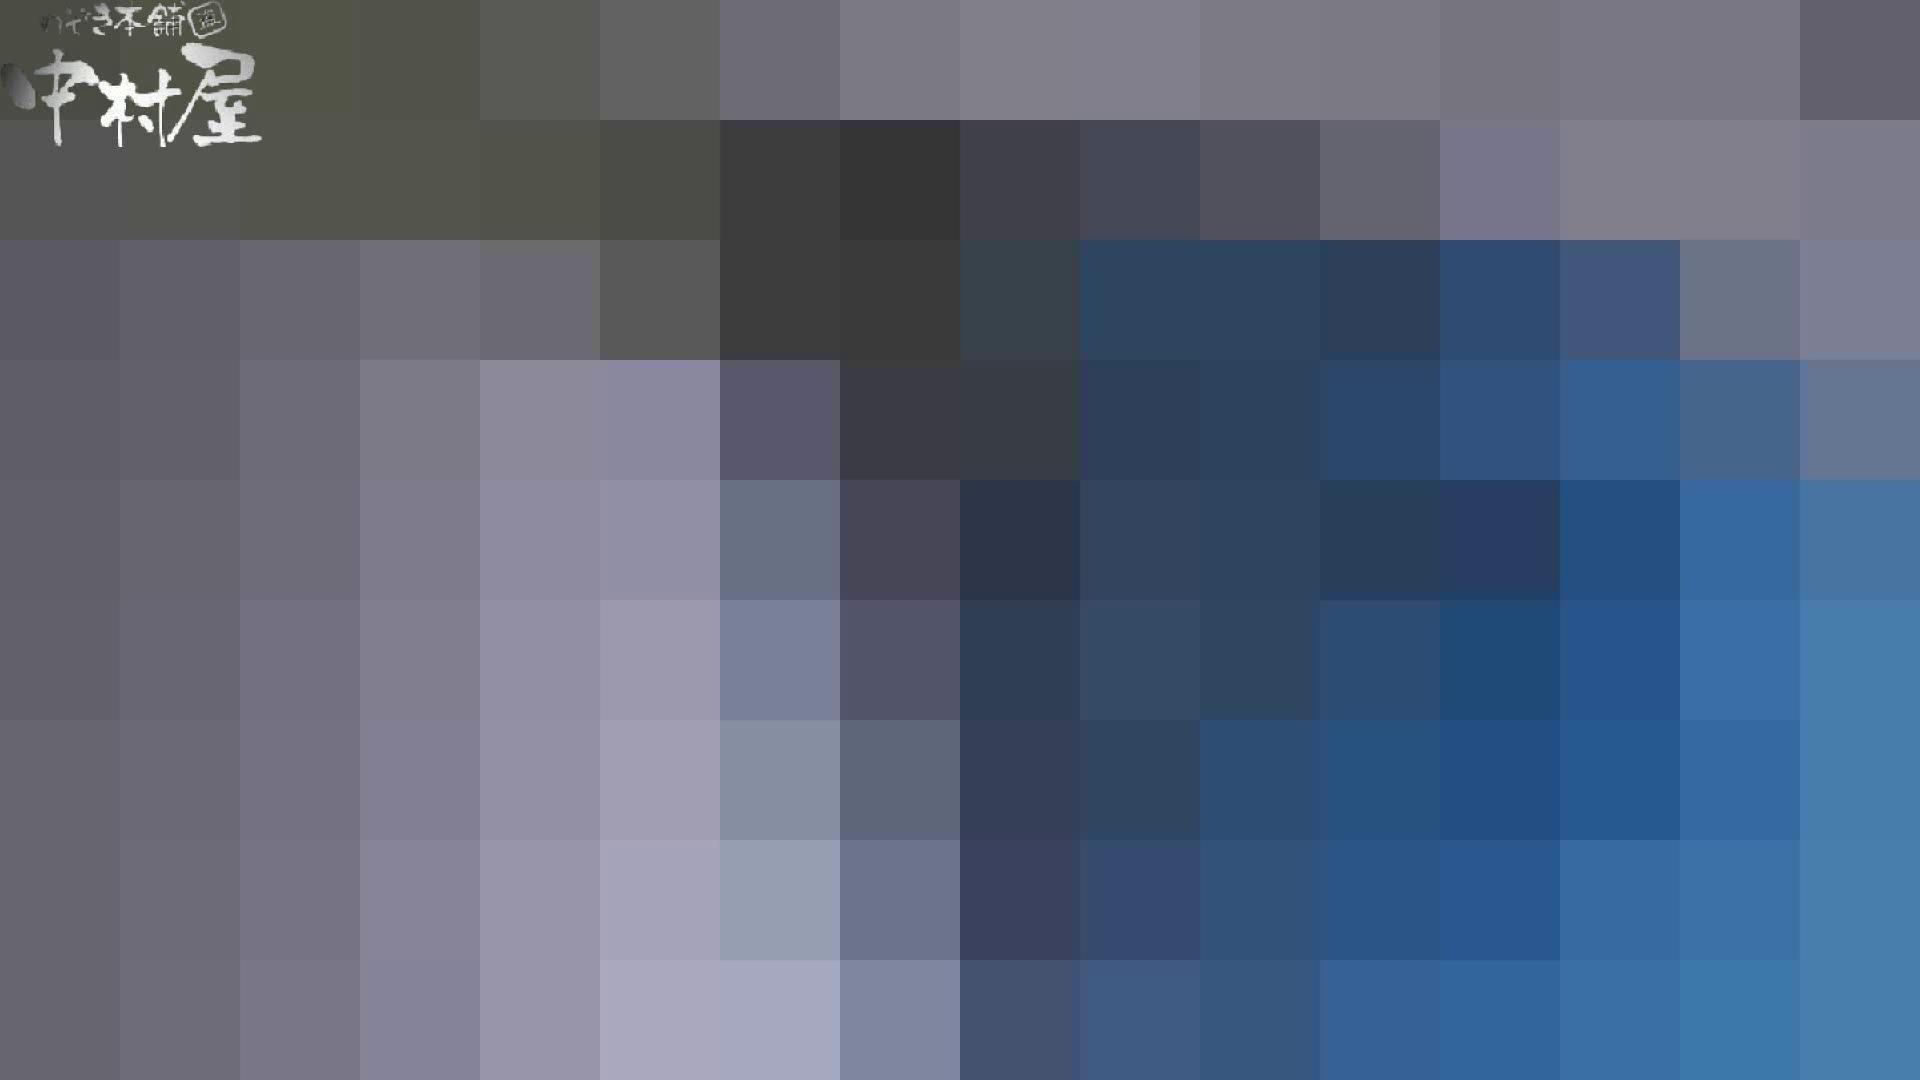 【お銀さんの「洗面所突入レポート!!」】お銀さんの「洗面所突入レポート!!」 vol.28小島陽菜似のピンクオシャレさん 洗面所編  94PIX 16